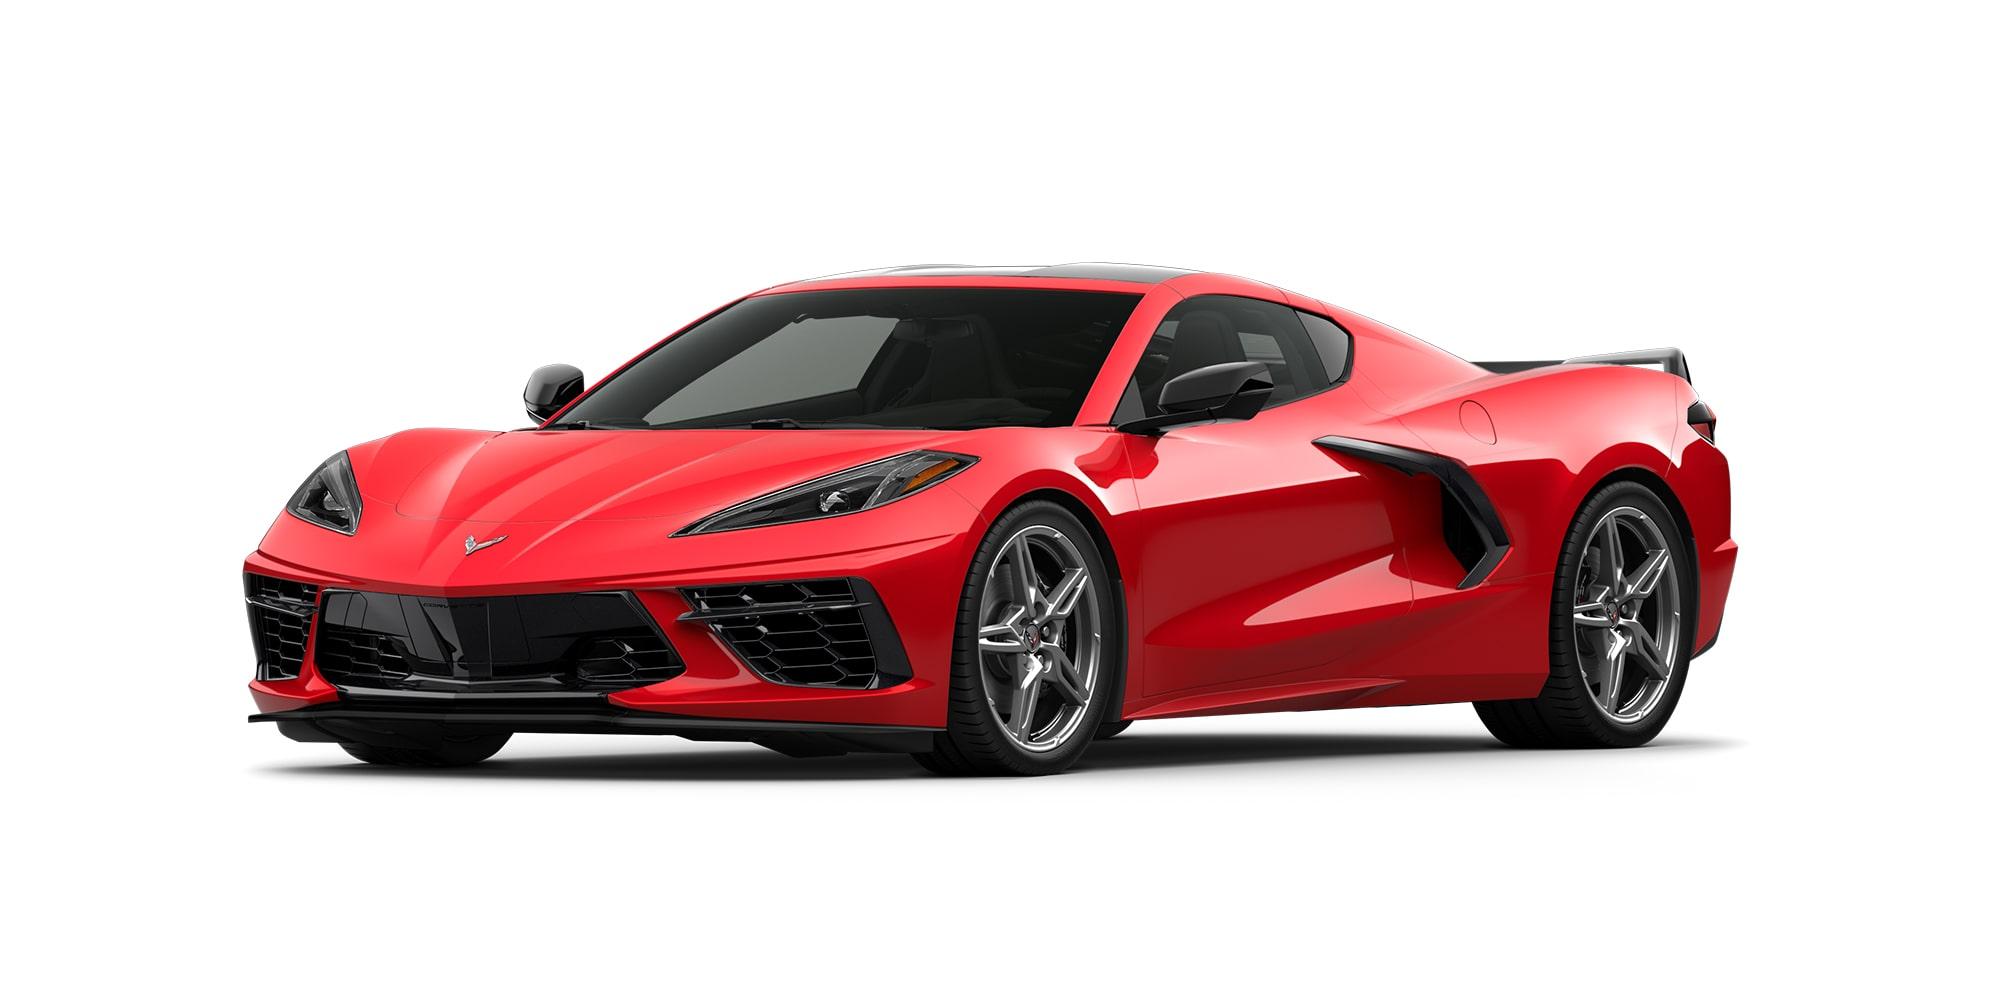 Chevrolet Corvette Stingray 2020, versión Z51 Performance con franjas deportivas y acentos en fibra de carbono